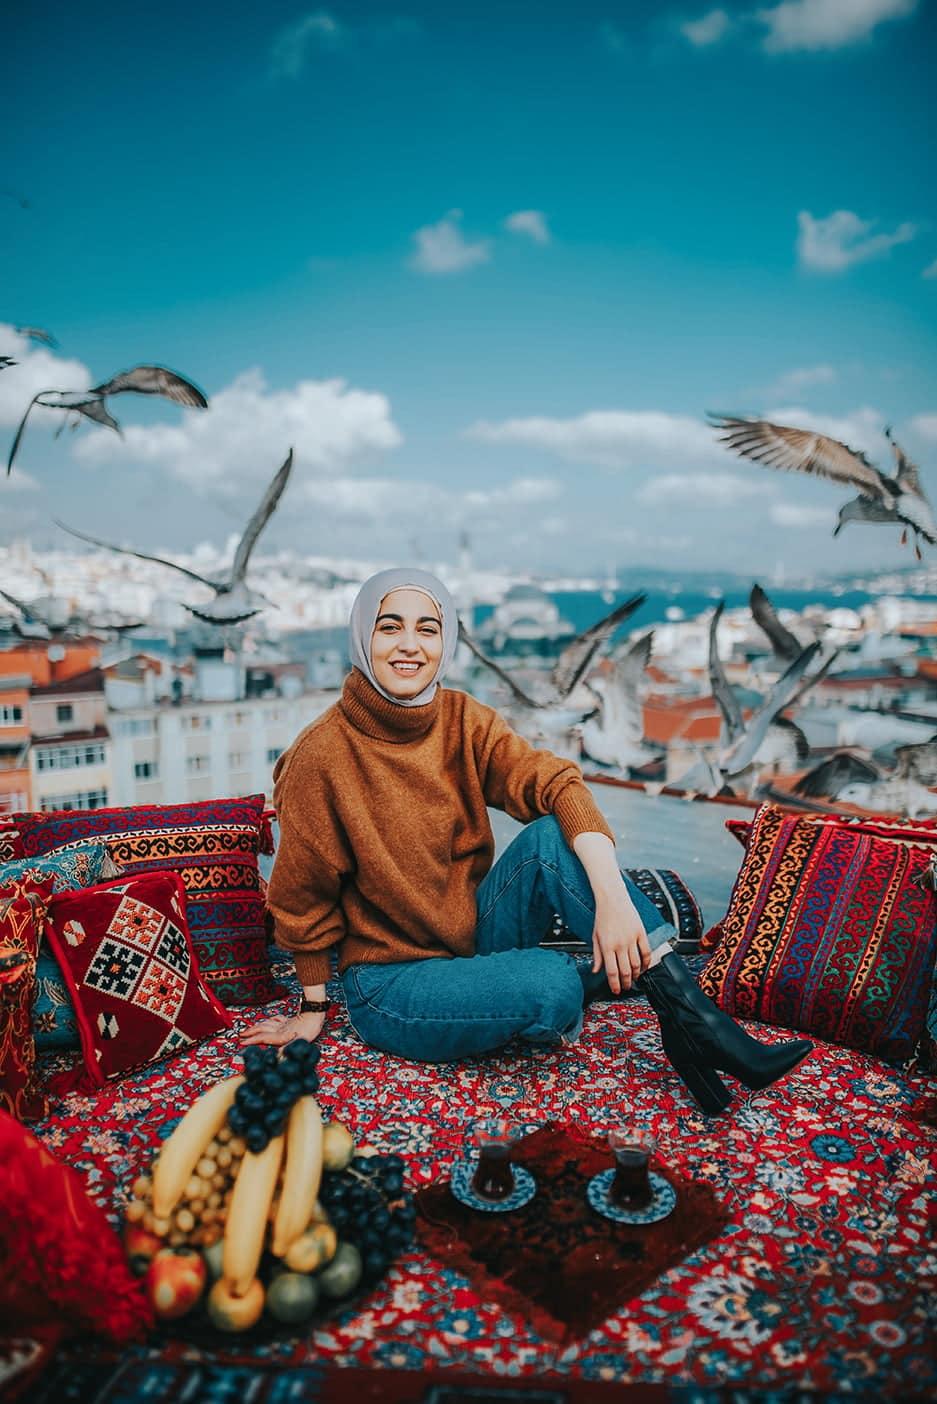 splendid rooftop in istanbul